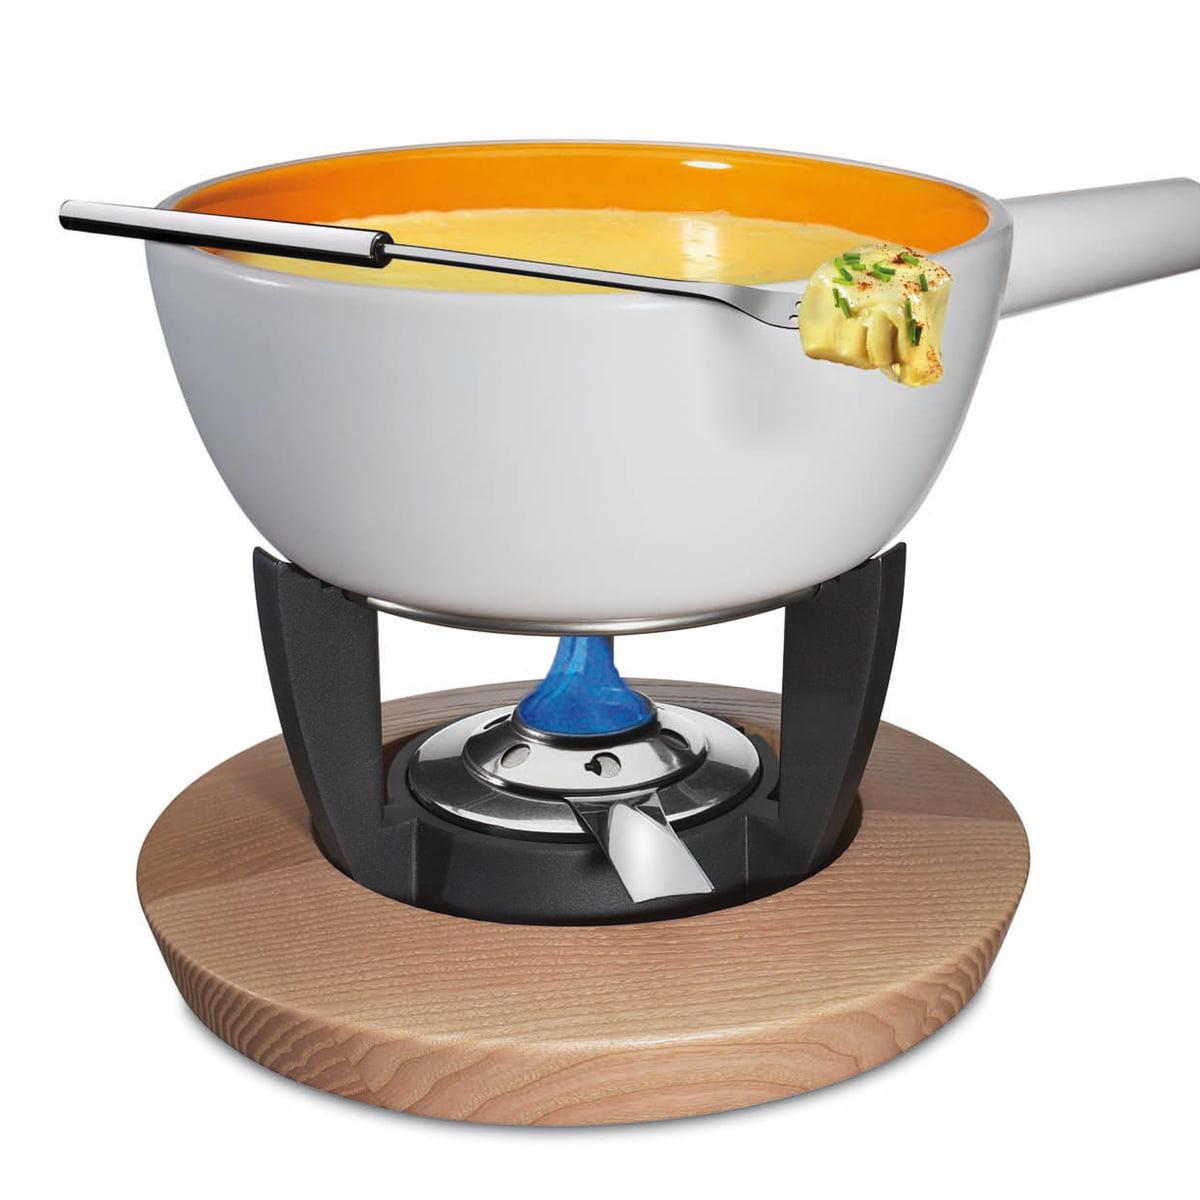 spring fondue rechaud chalet with fuel burner. Black Bedroom Furniture Sets. Home Design Ideas